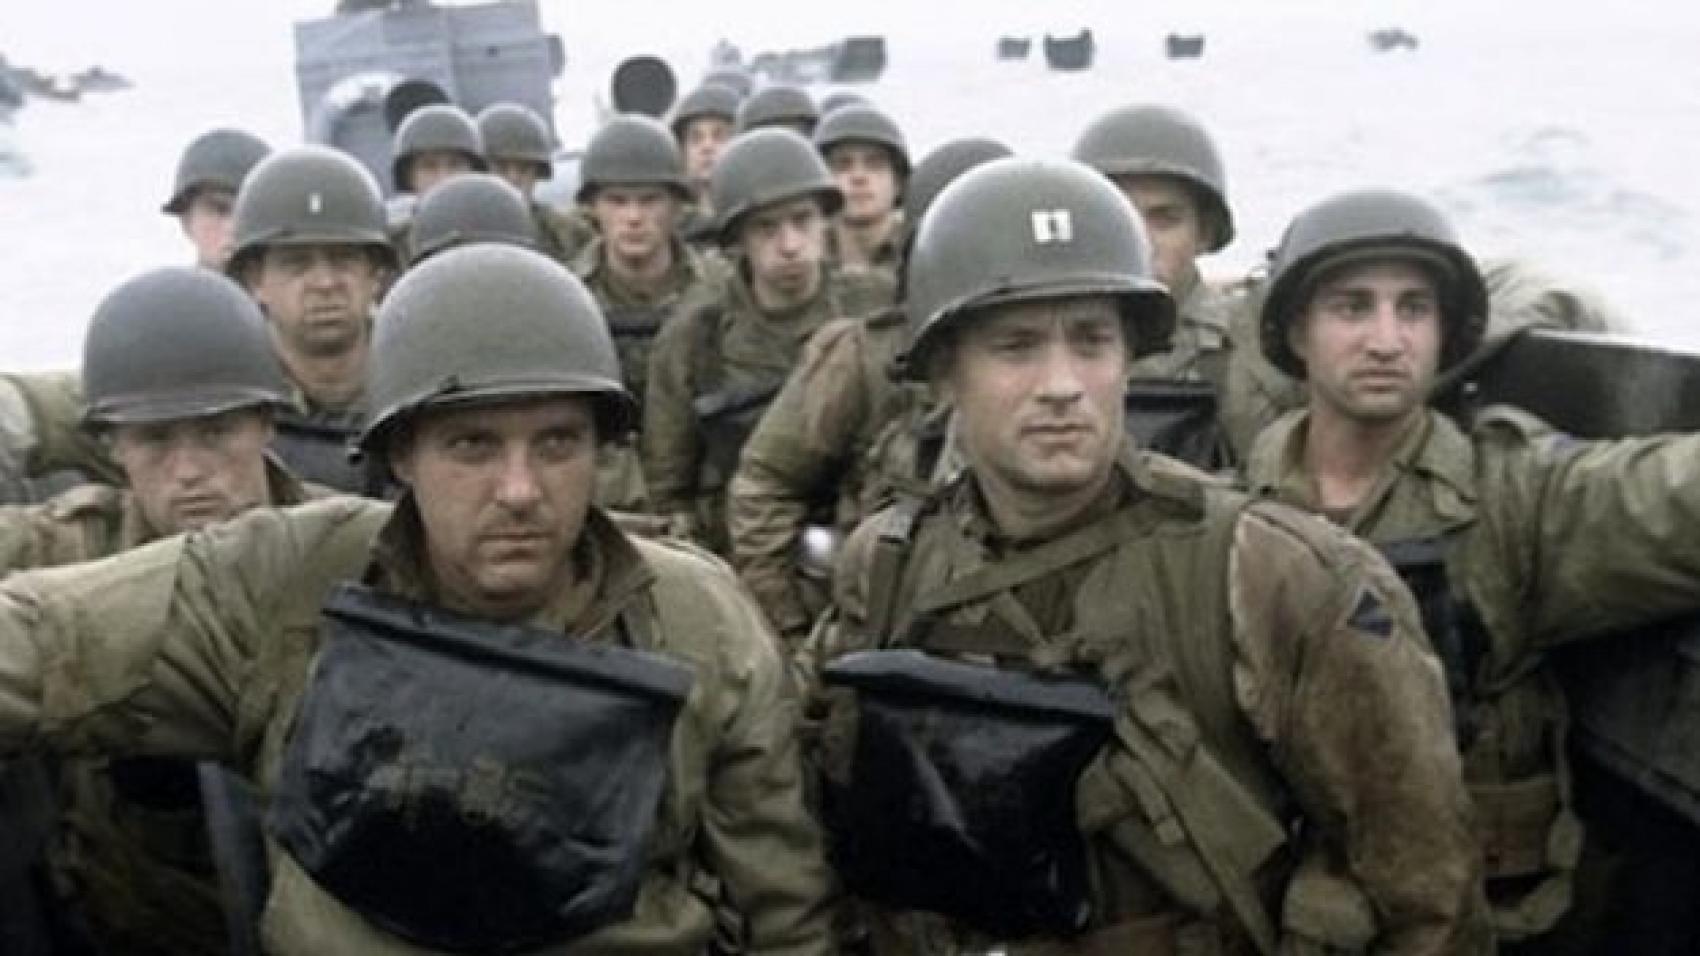 Desembarco-Normandia-Salvar-soldado-Ryan_TINIMA20140606_0079_5